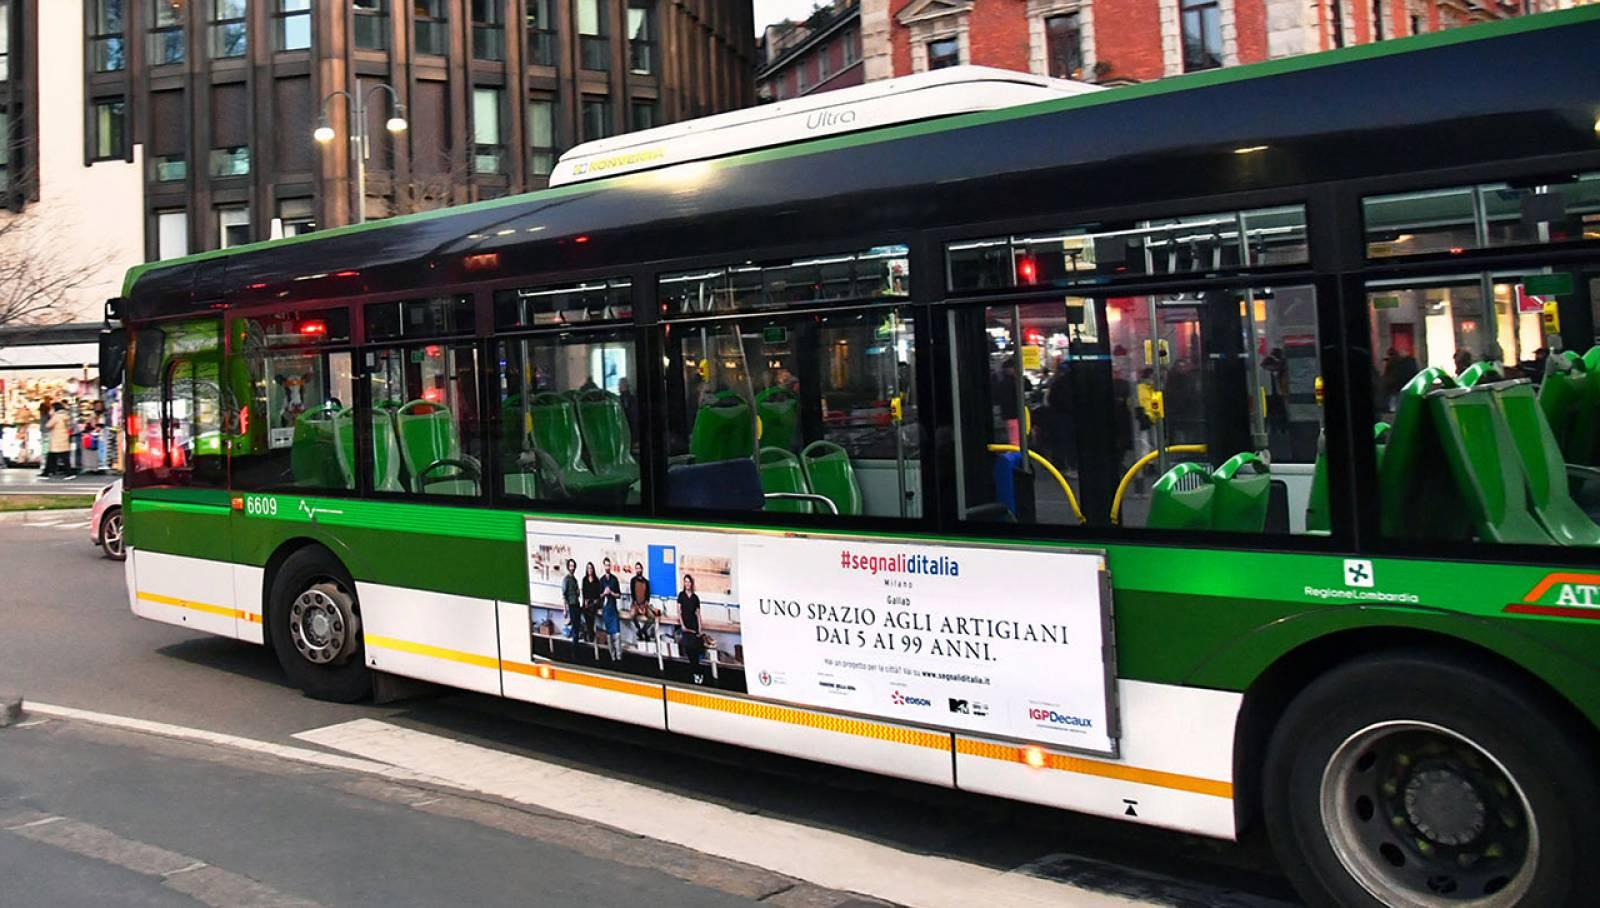 Pubblicità su autobus a Milano IGPDecaux Side Banner per Segnali d'Italia